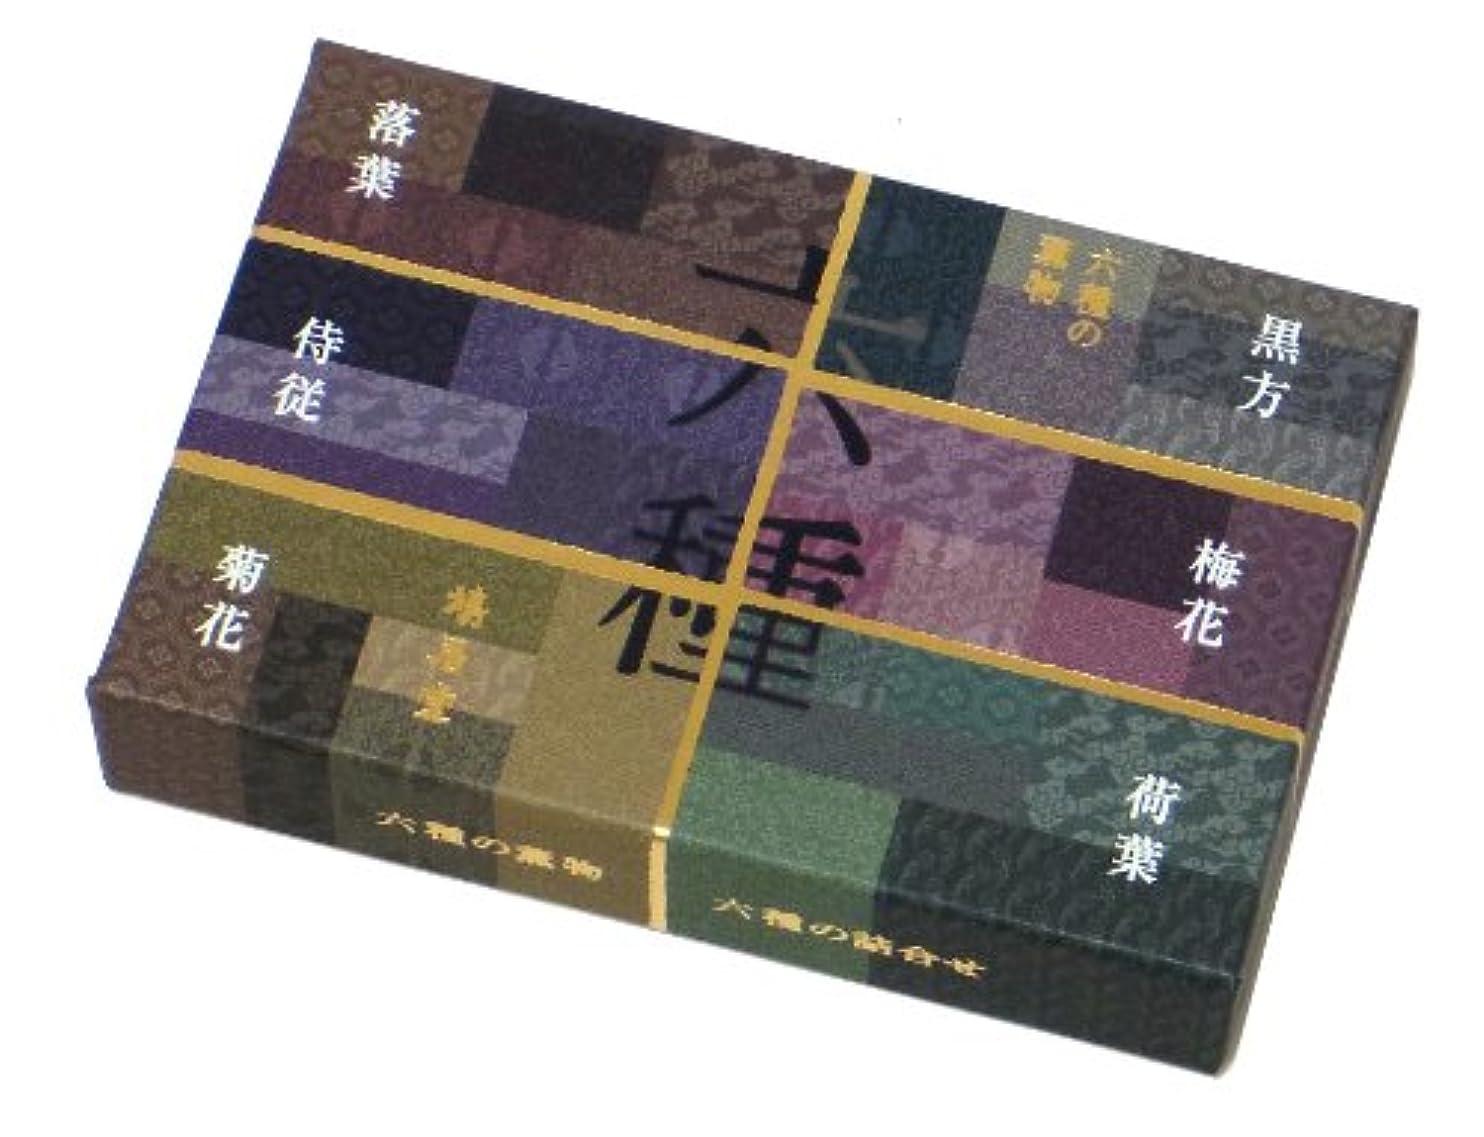 平行簡単なボランティア鳩居堂のお香 六種の薫物6種セット 6種類各5本入 6cm 香立入